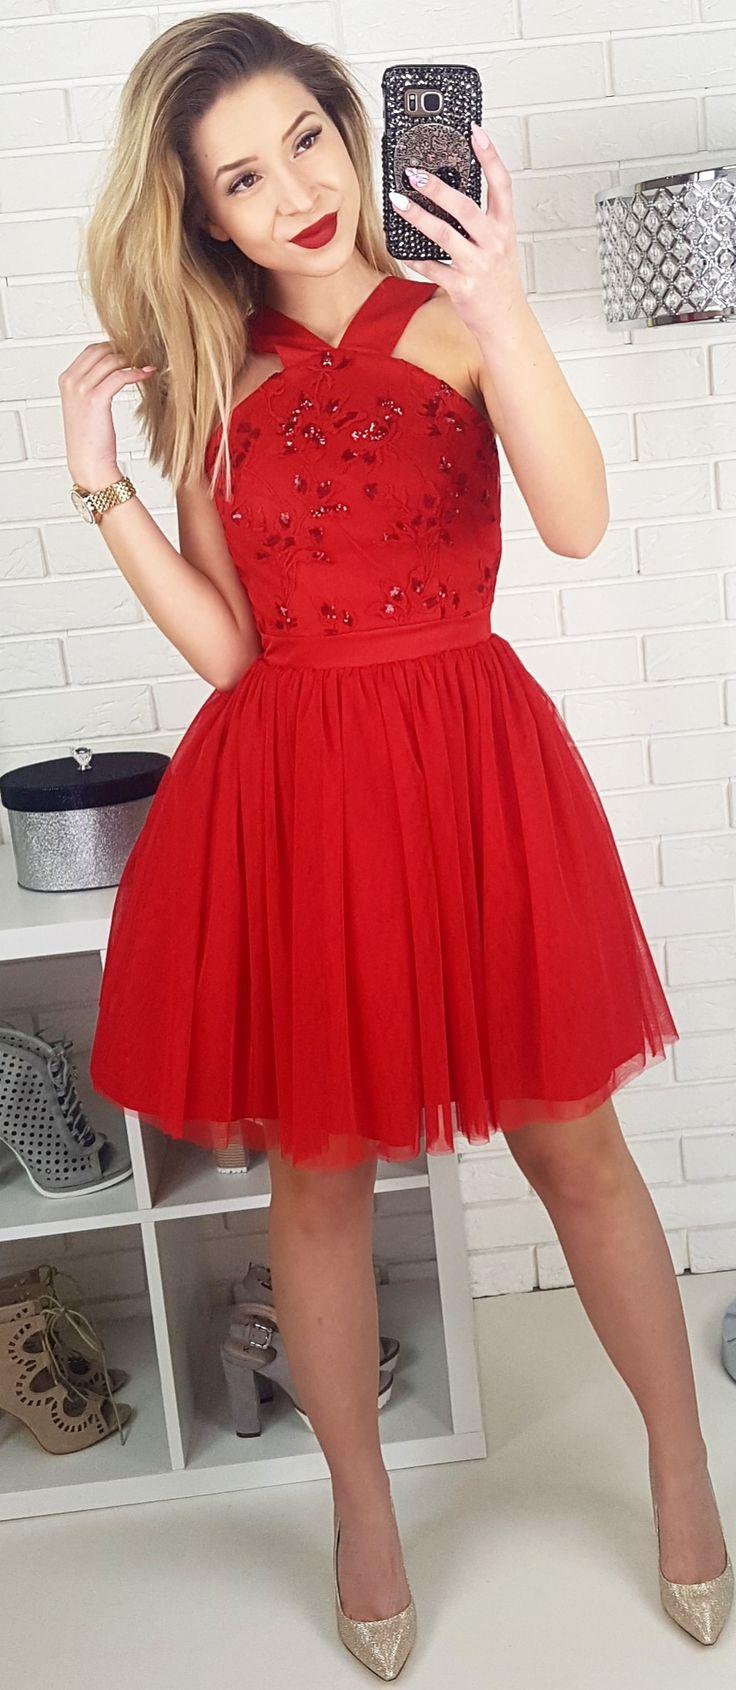 Tiulowa czerwona sukienka Tulle red dress